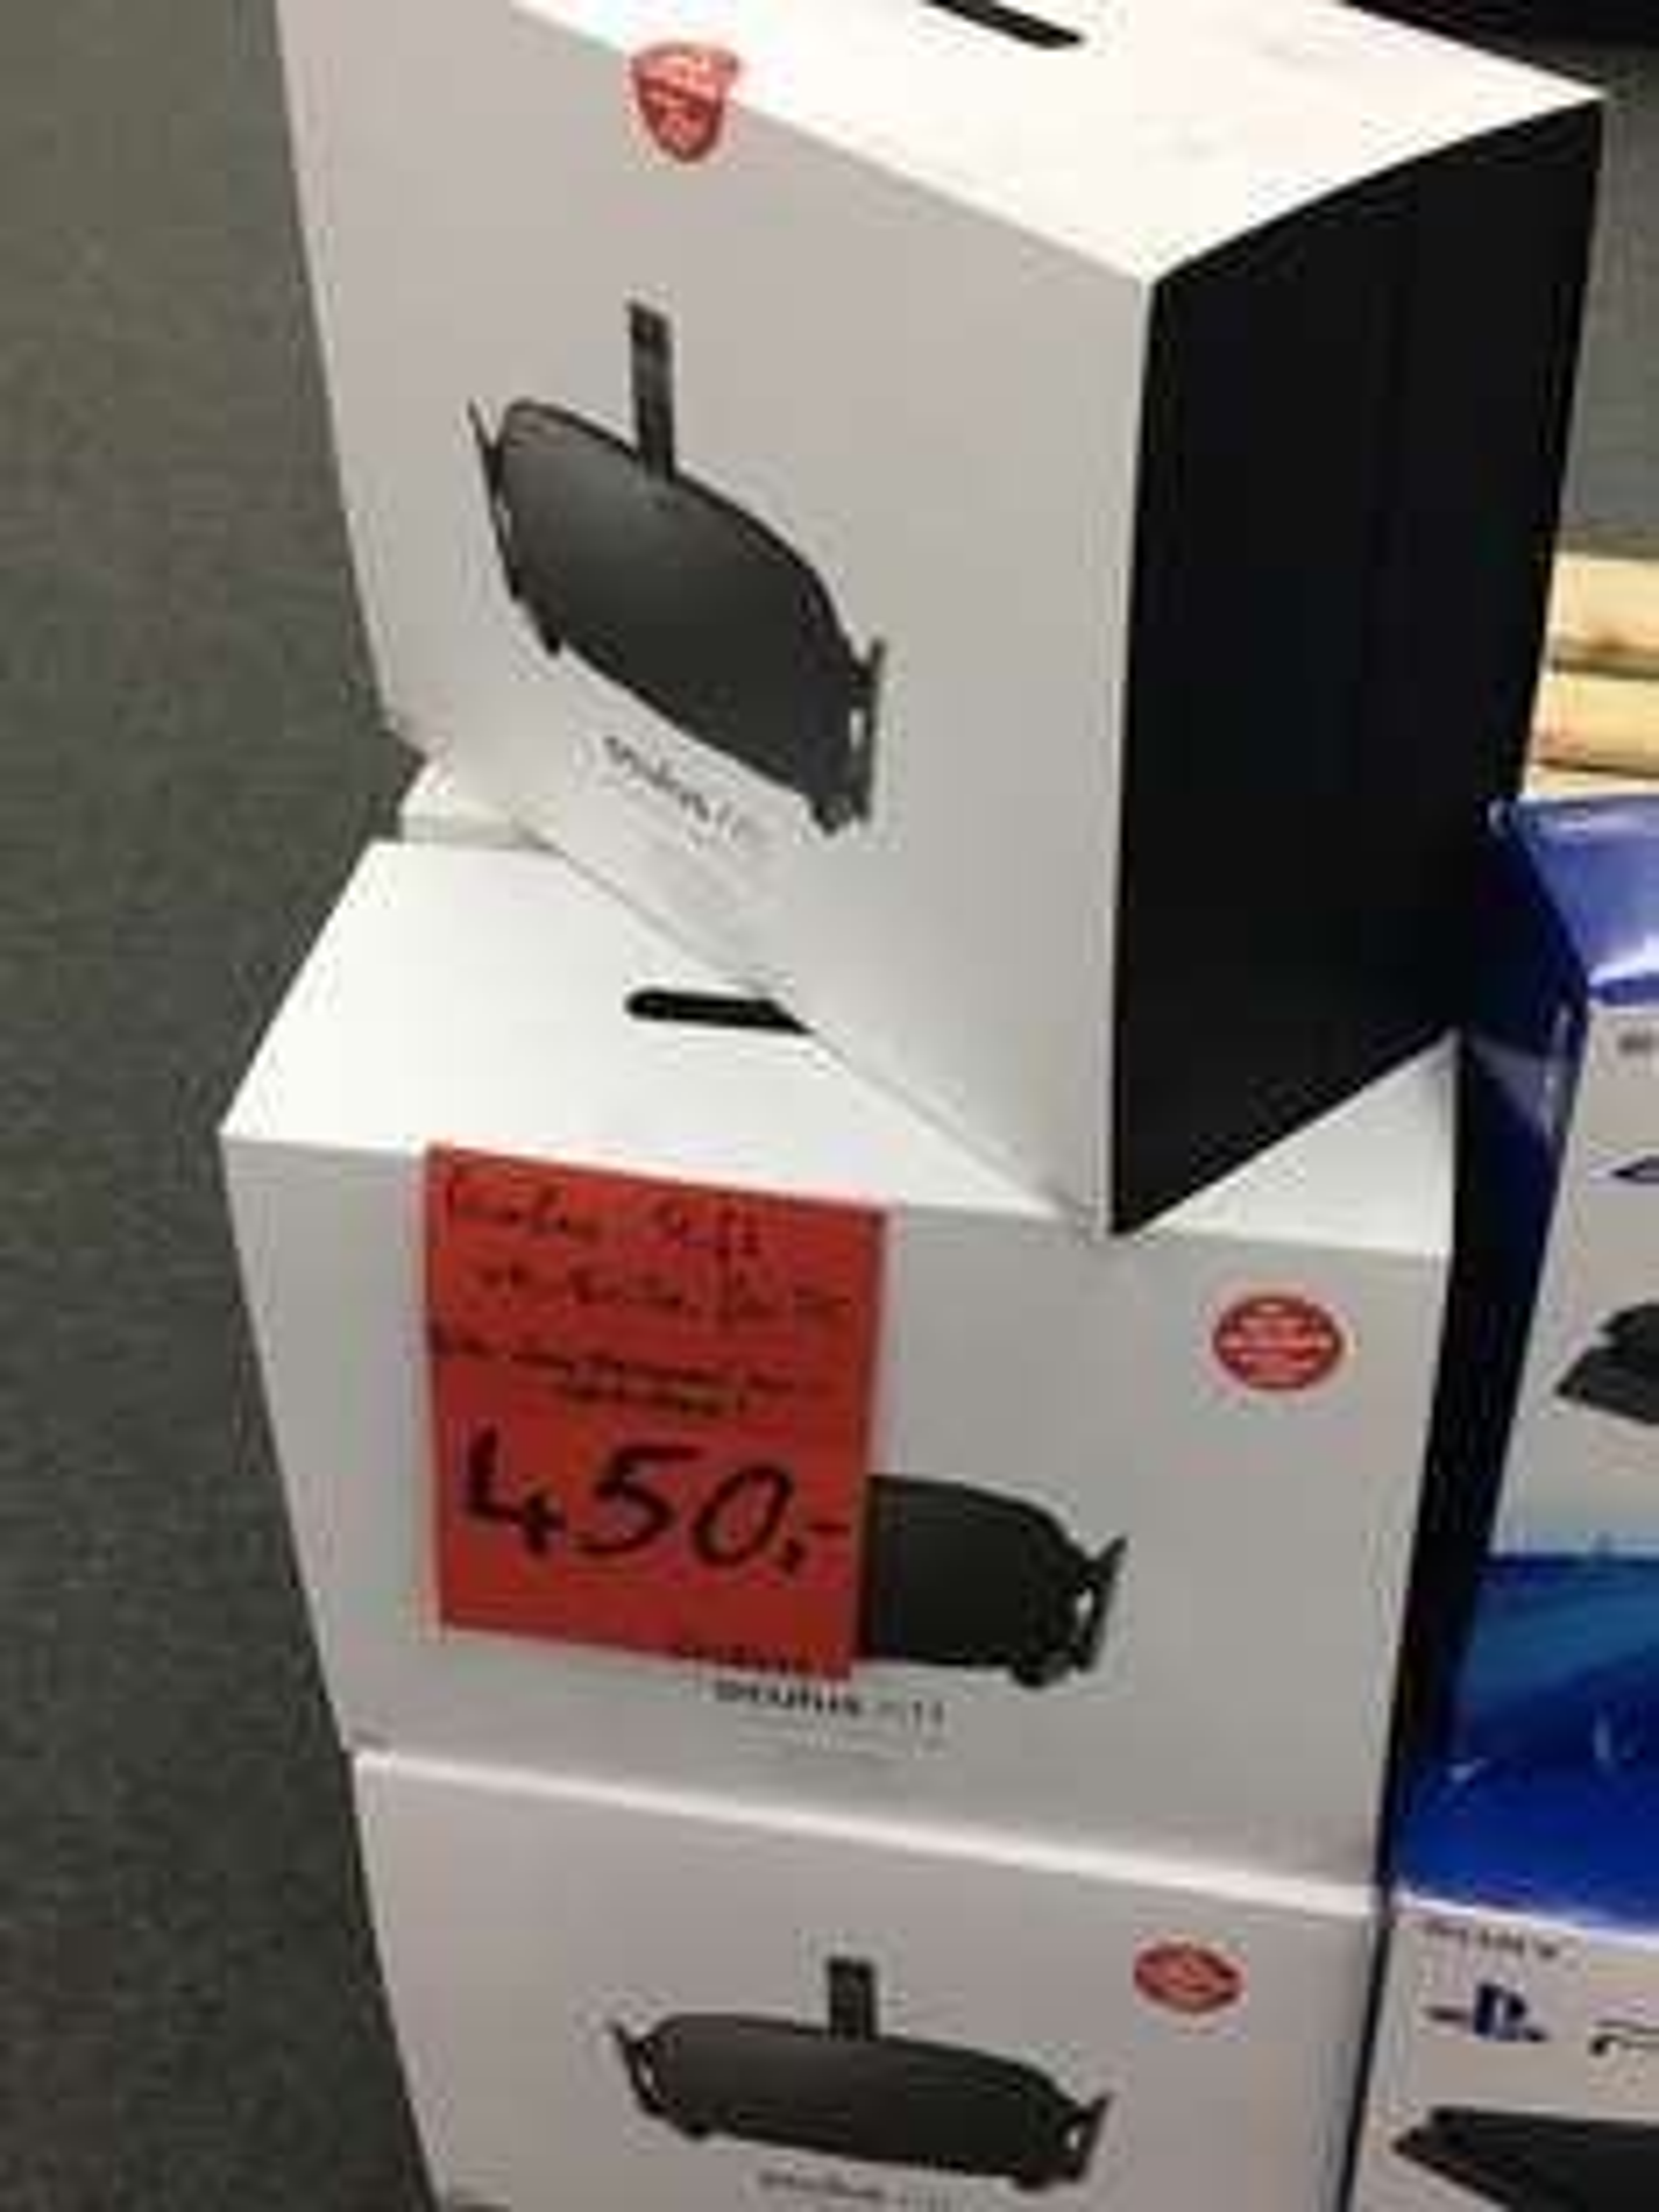 [Lokal Belm] Mediamarkt Oculus Rift für 450 Euro